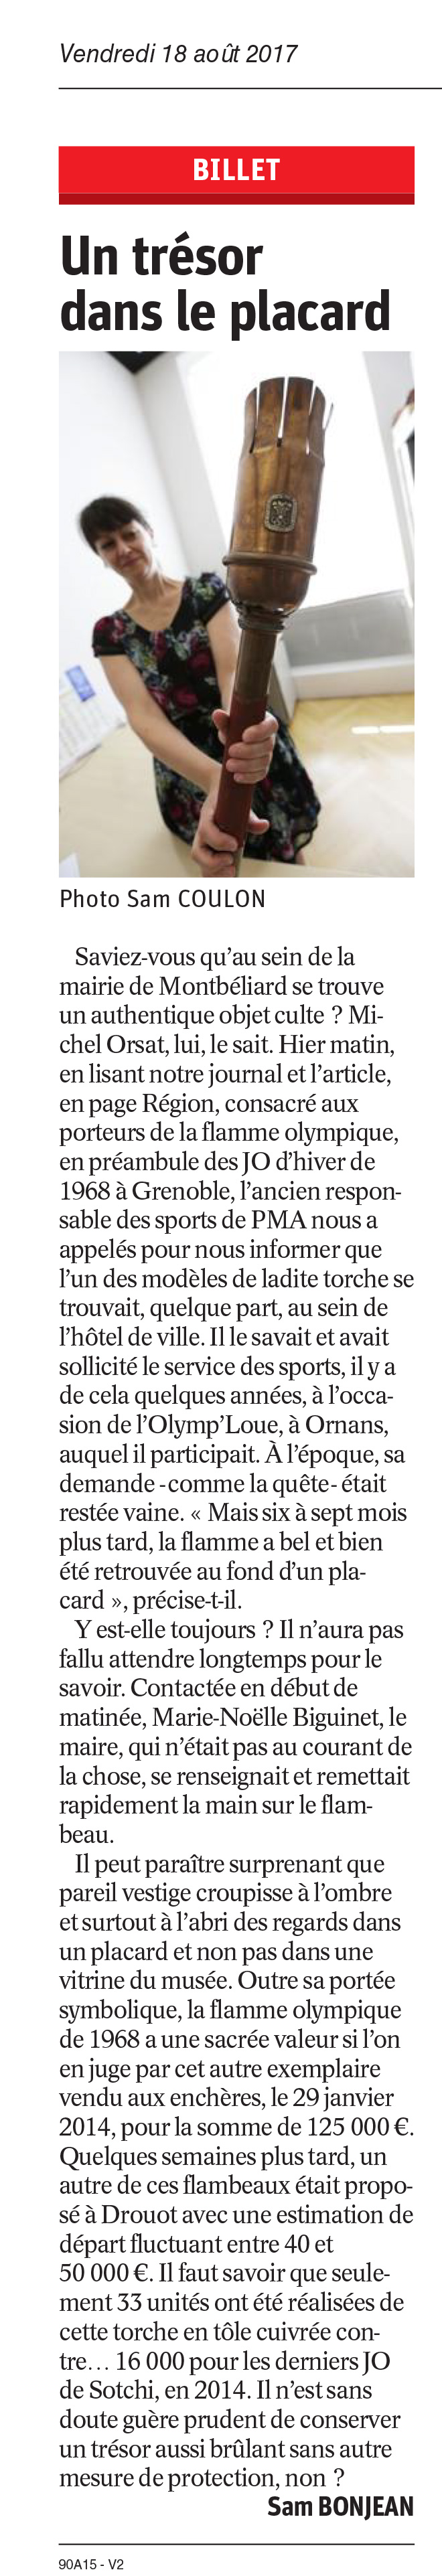 Article Est Republicain 18-08-2017